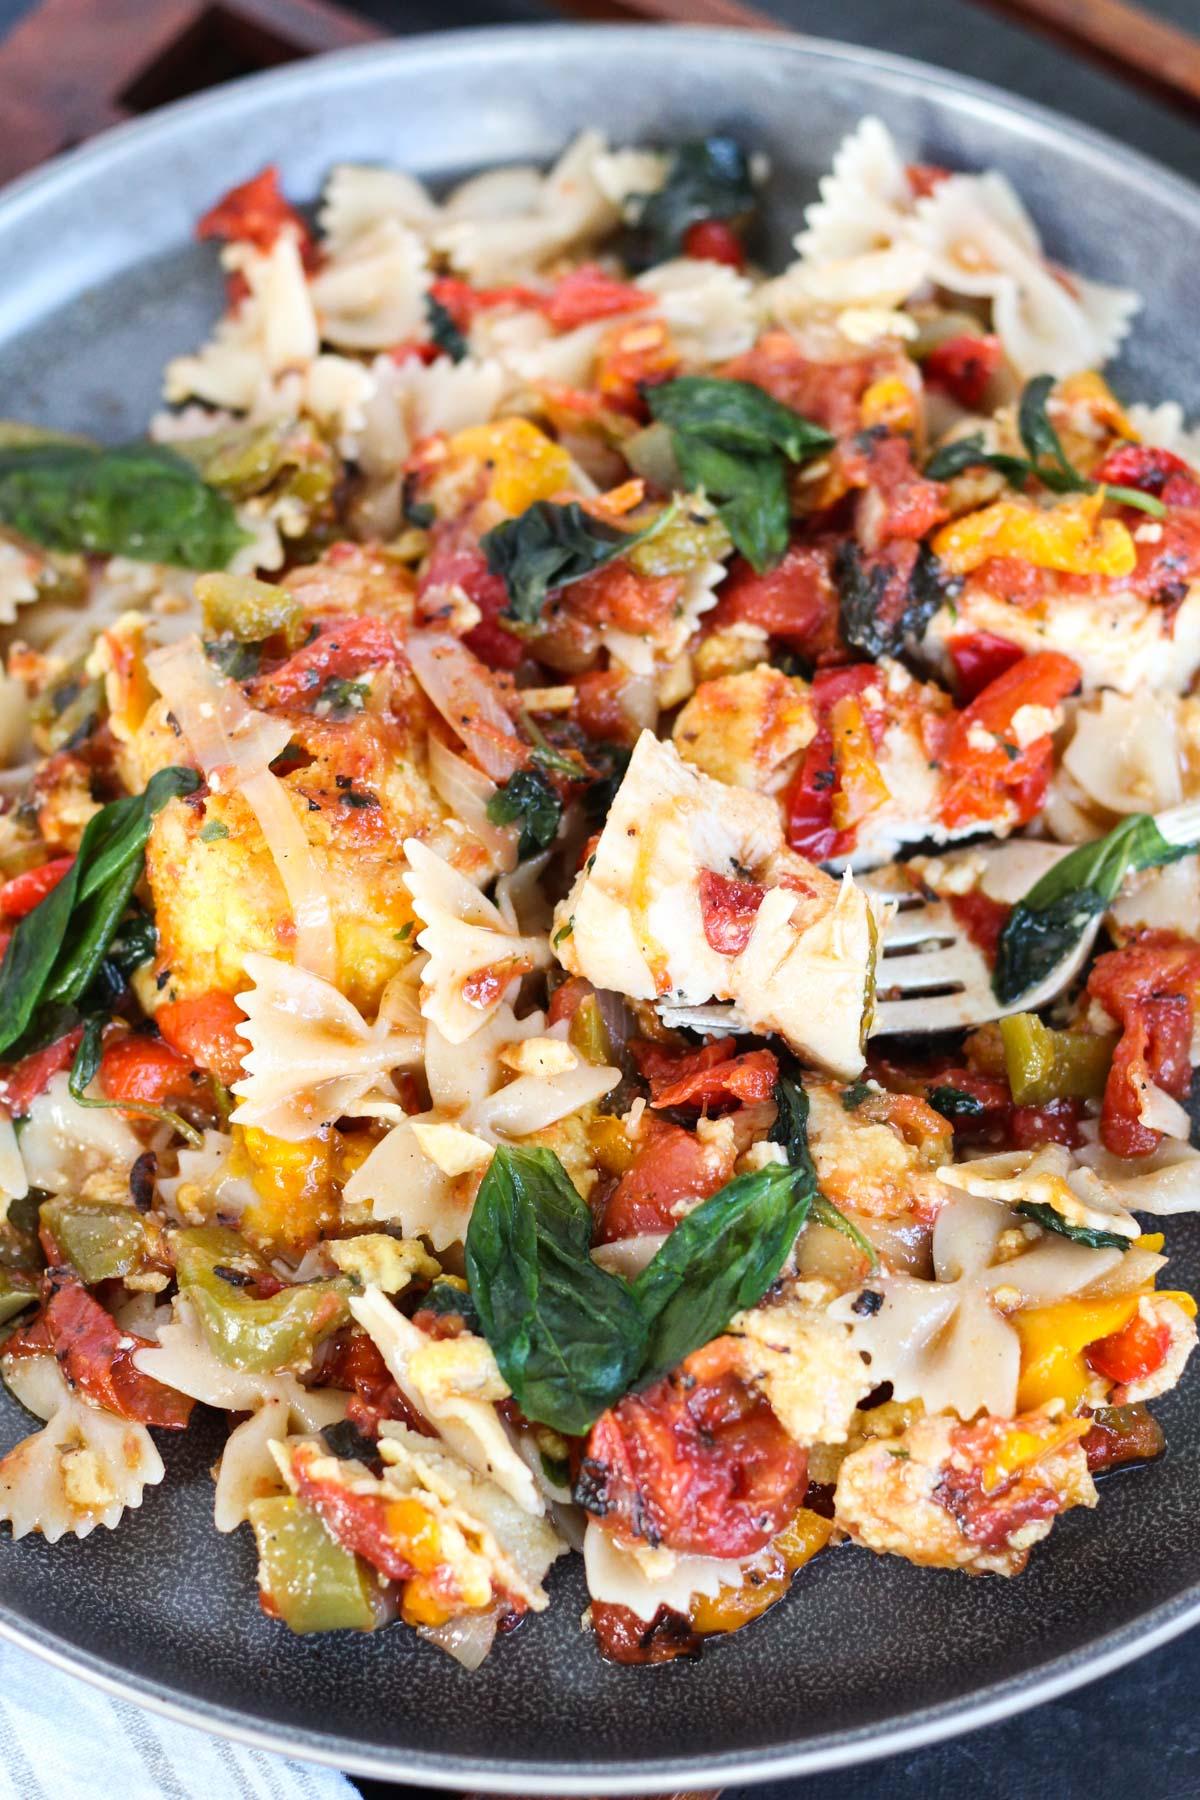 Plate of chicken cacciatore over gluten-free pasta.